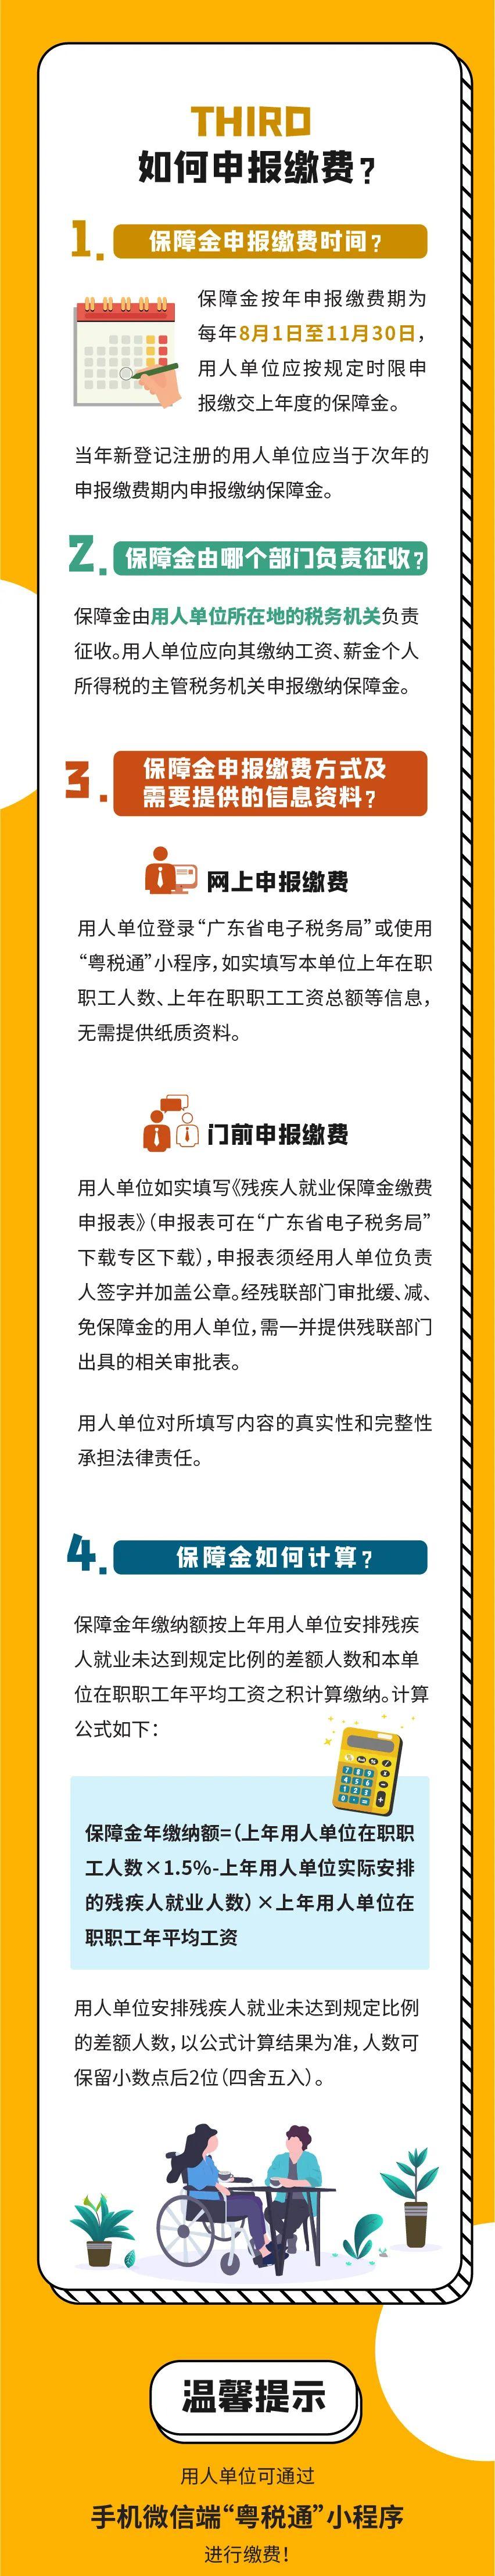 """【一图读懂】2020年广东企业残疾人就业保障金政策""""图""""个明白!插图(2)"""